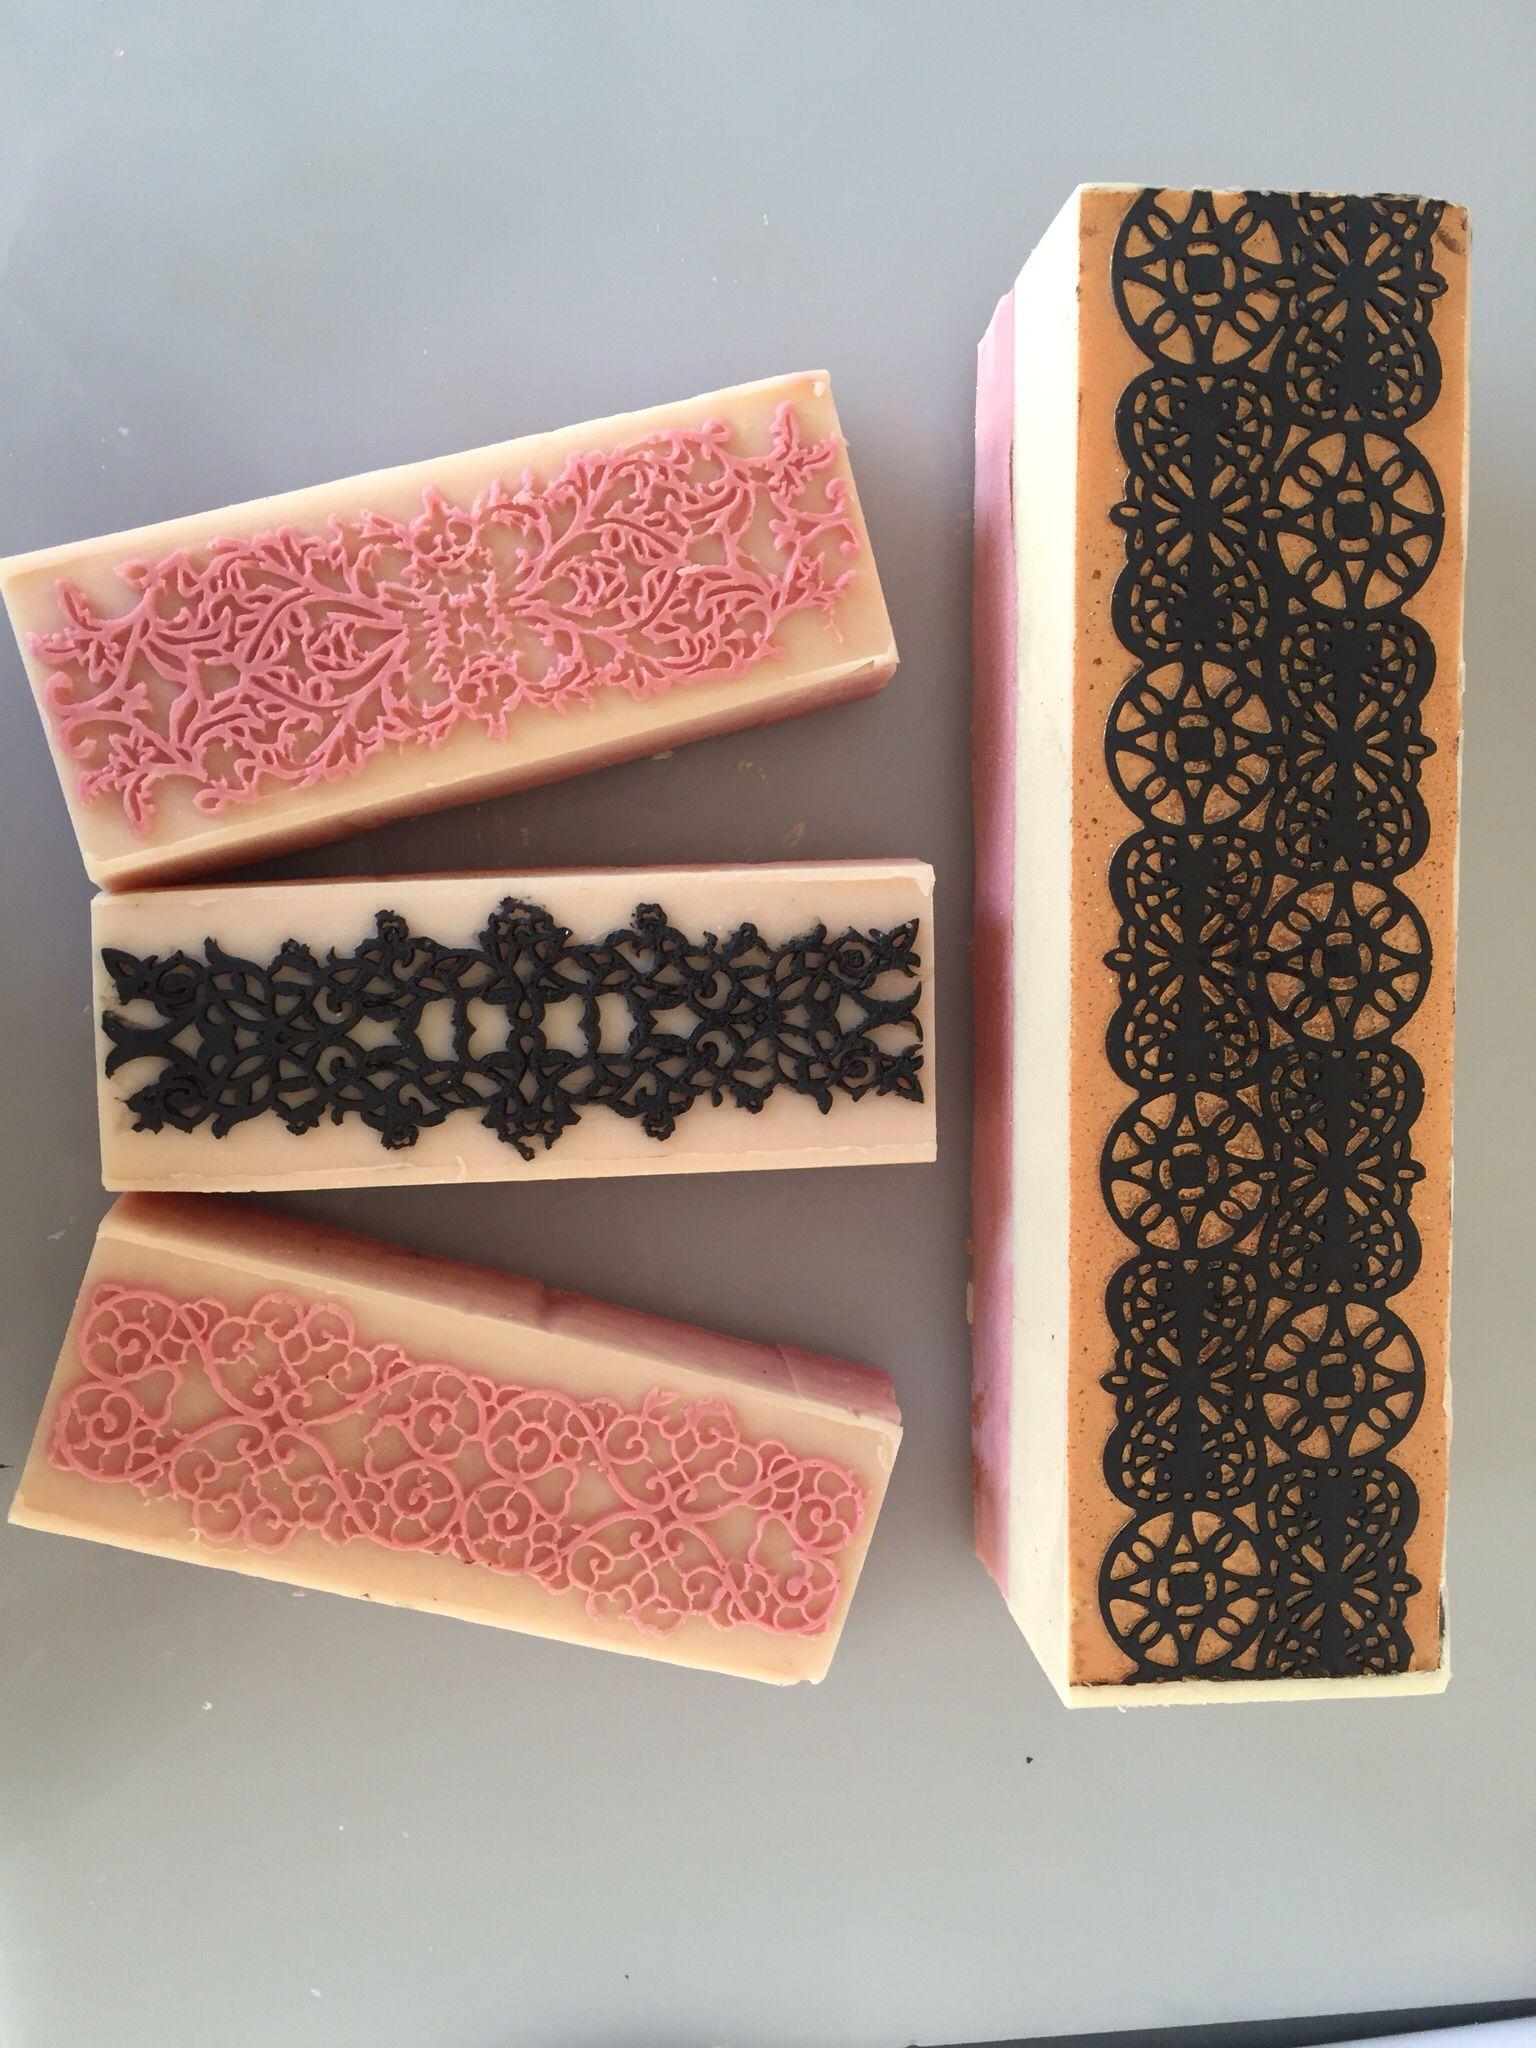 Uncut soap for the impression mat soap challenge